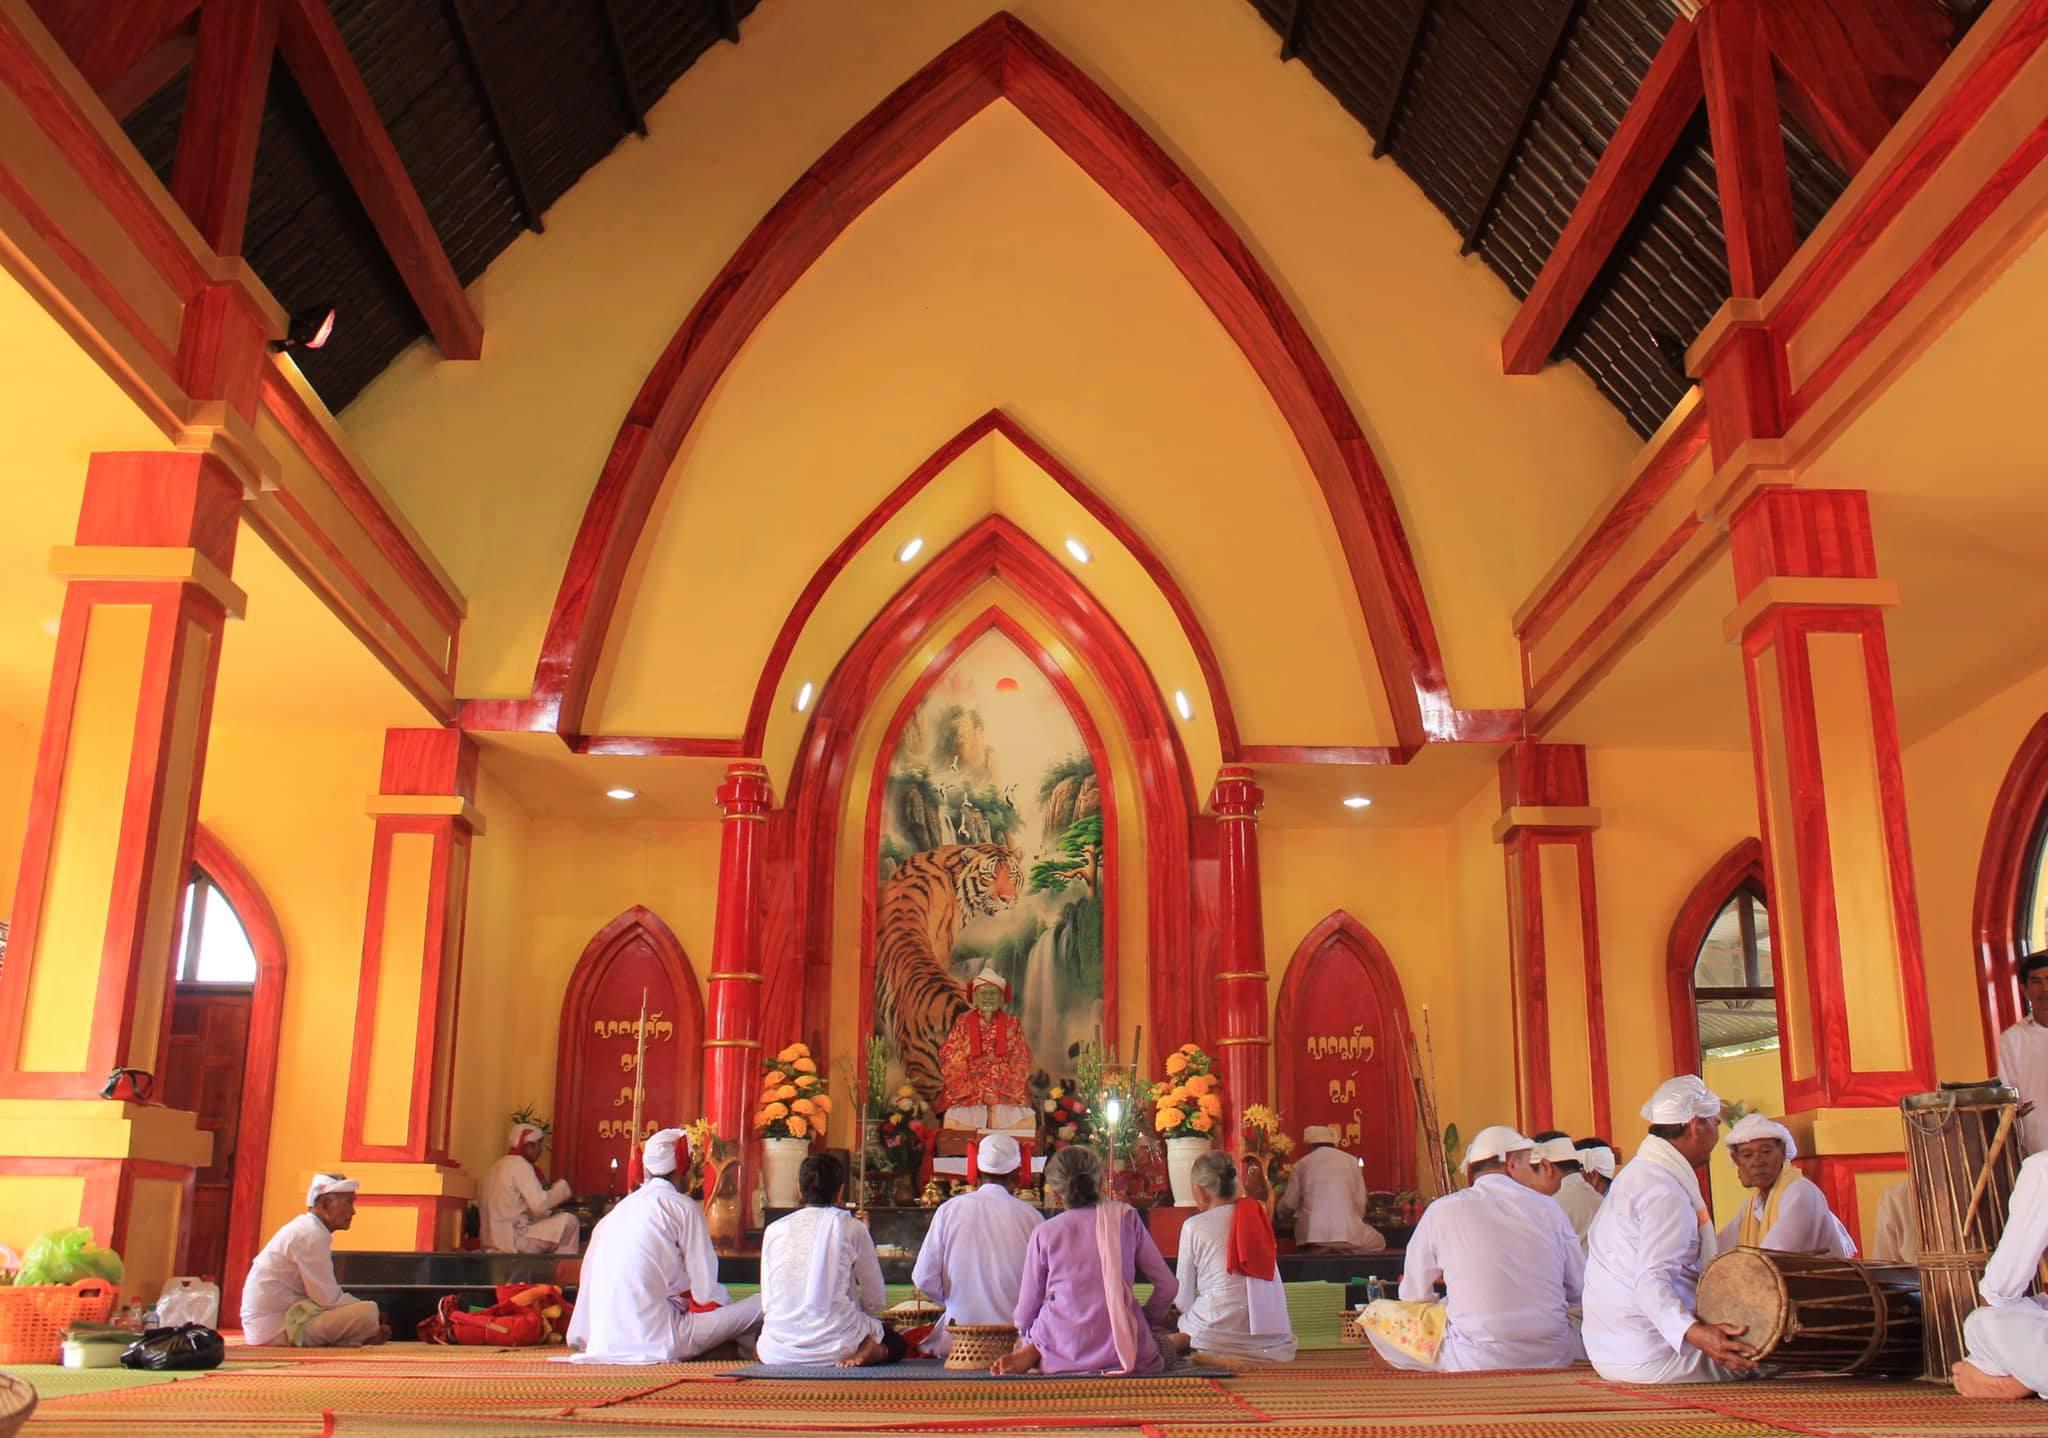 Nghi lễ cúng cầu an bên trong lăng Cei khar Mâh Bingu